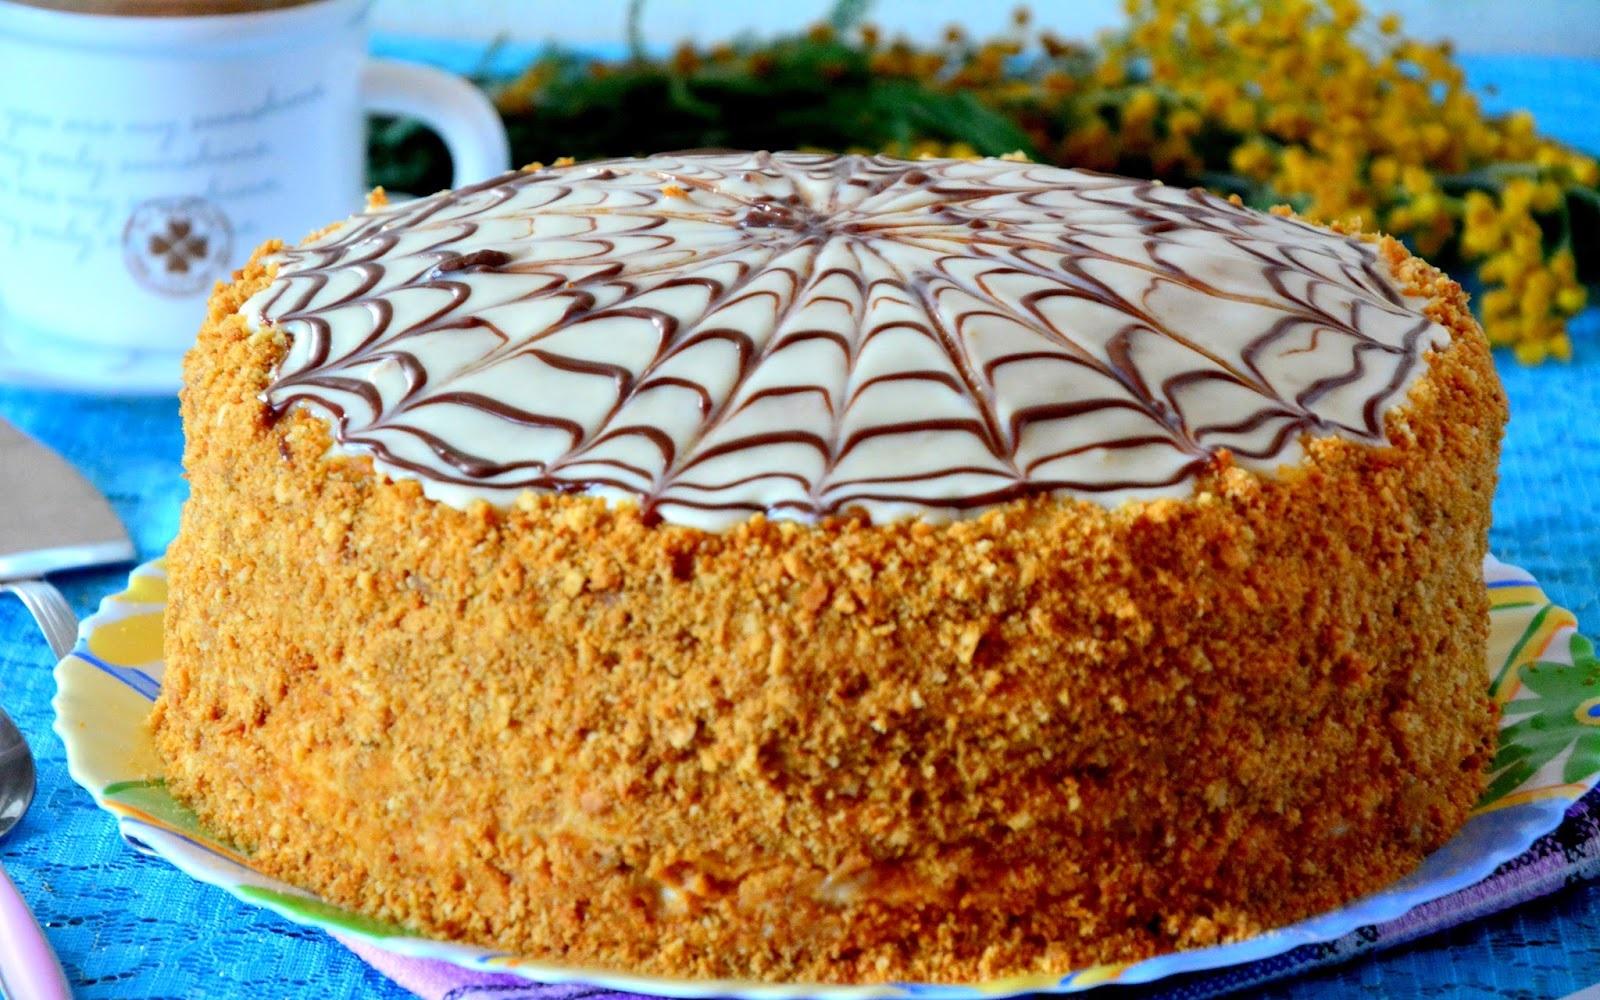 Видео о том, как приготовить медовый торт «Рыжик» со сметанным кремом фото